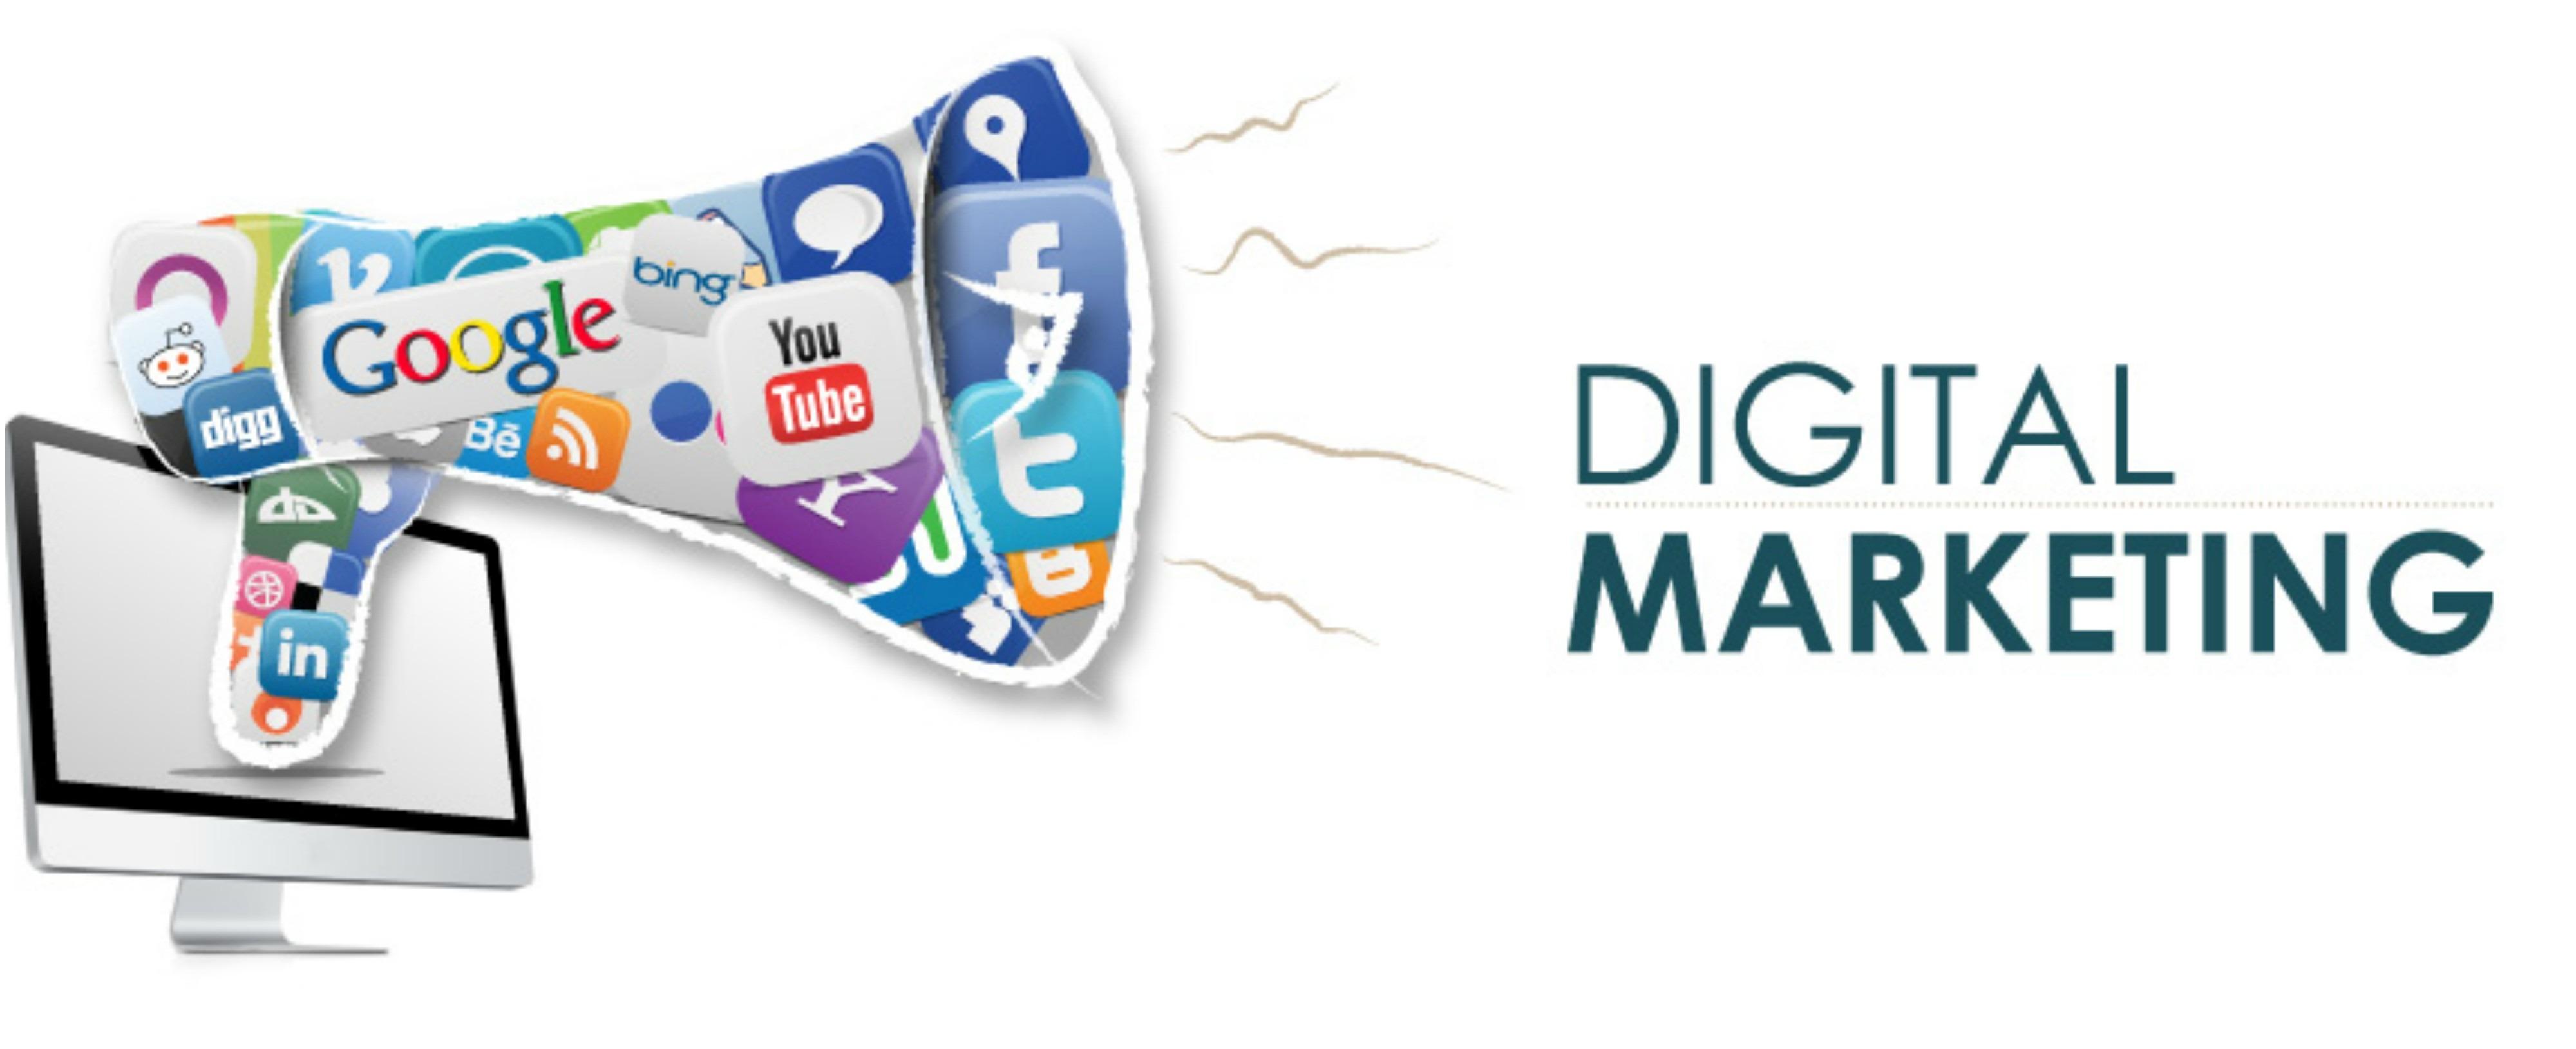 روش های جدید دیجیتال مارکتینگ